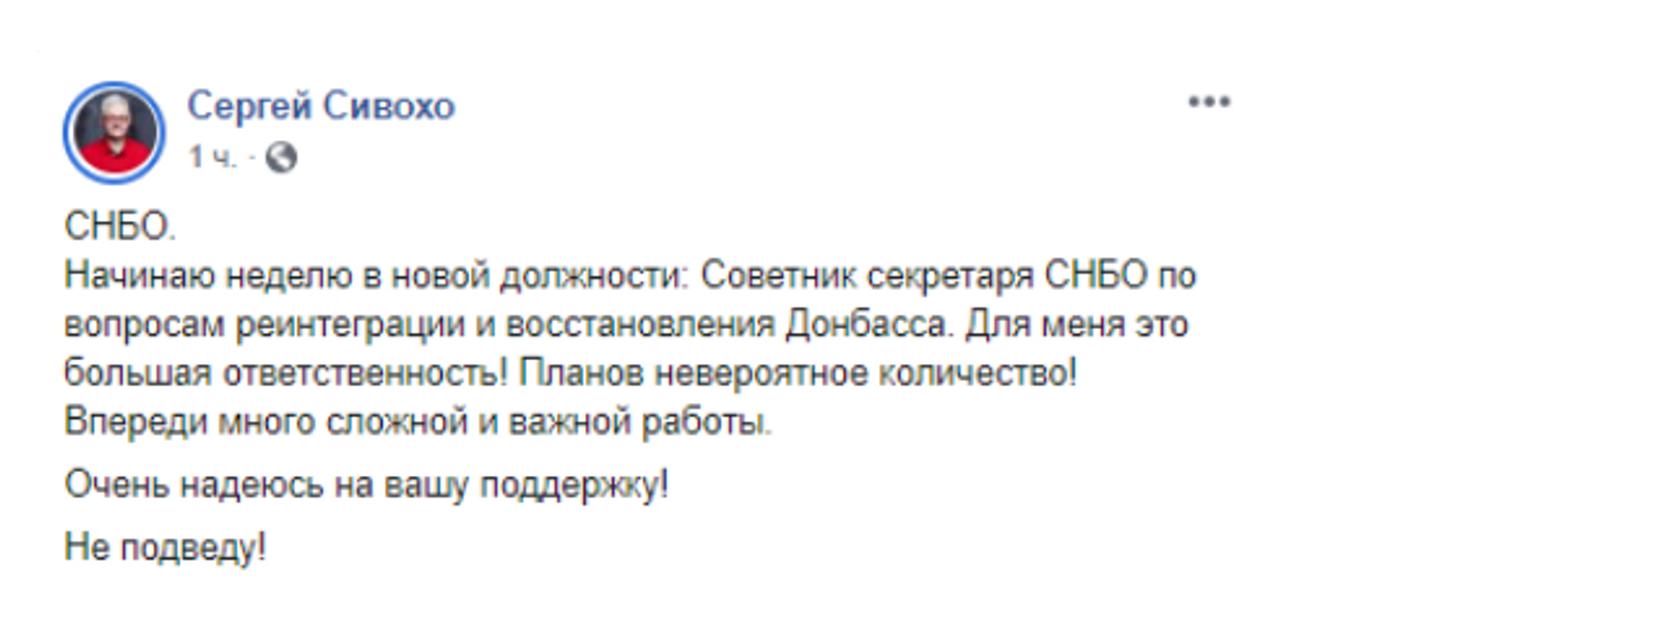 Сергей Сивохо попал в СНБО. Чем займется шоумен? - фото 189875